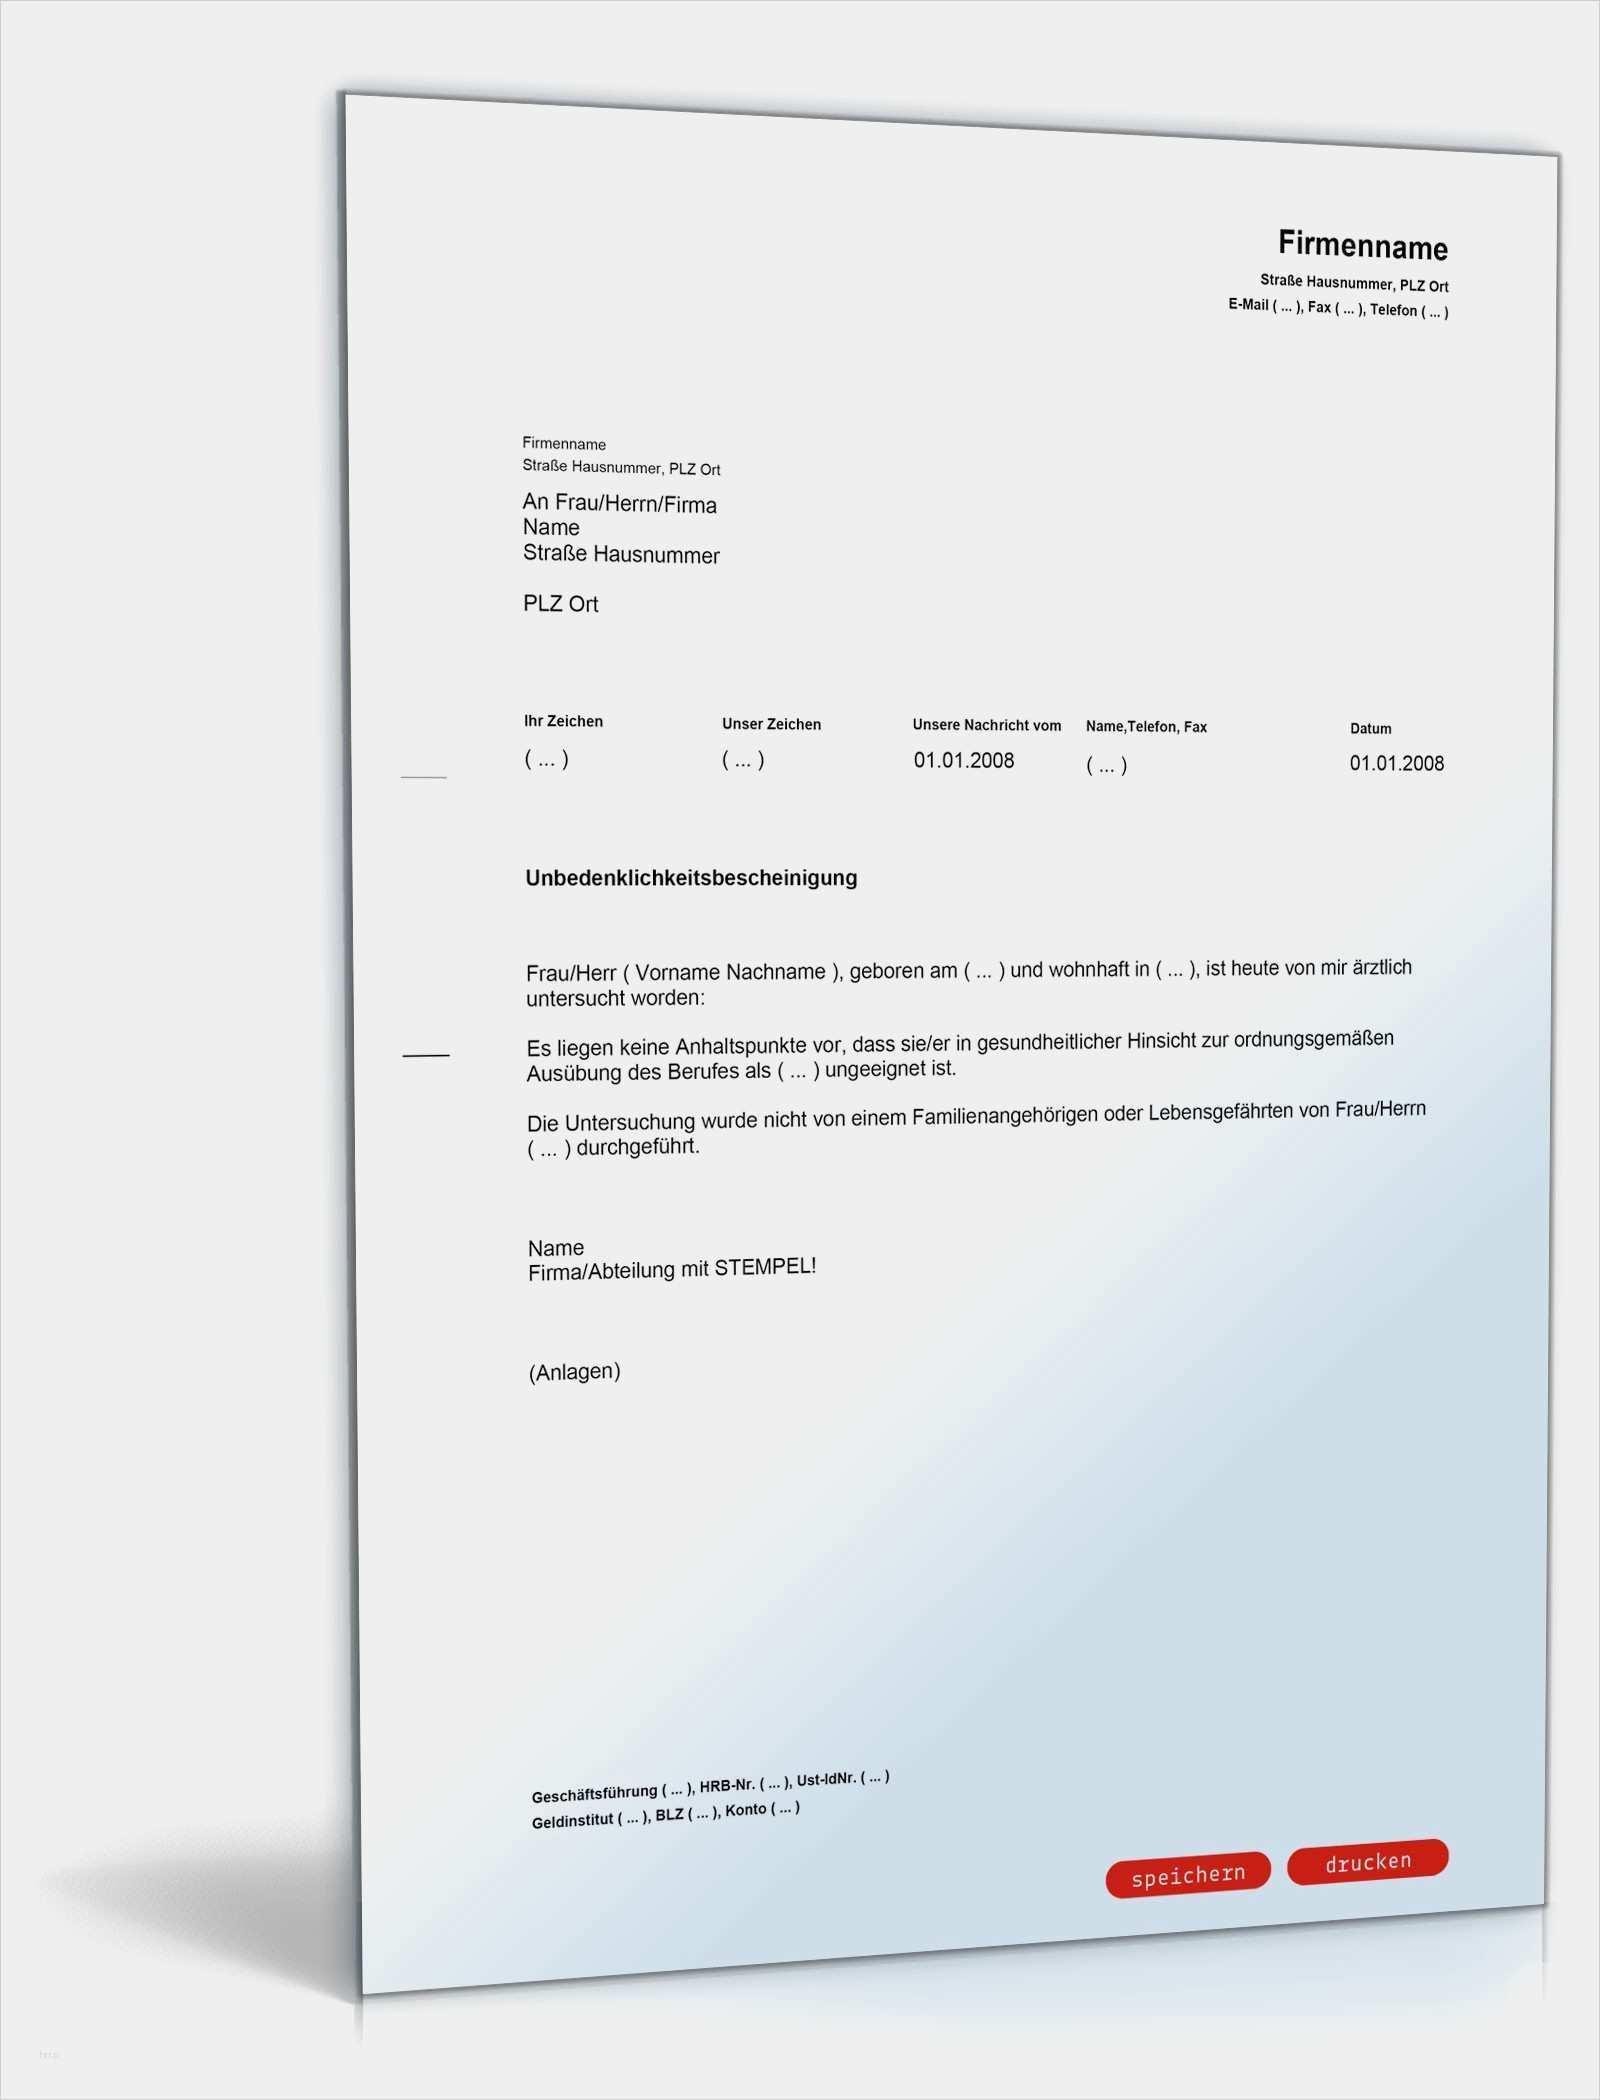 35 Best Of Arztliches Attest Vorlage Reiserucktritt Galerie Vorlagen Word Vorlagen Firmennamen